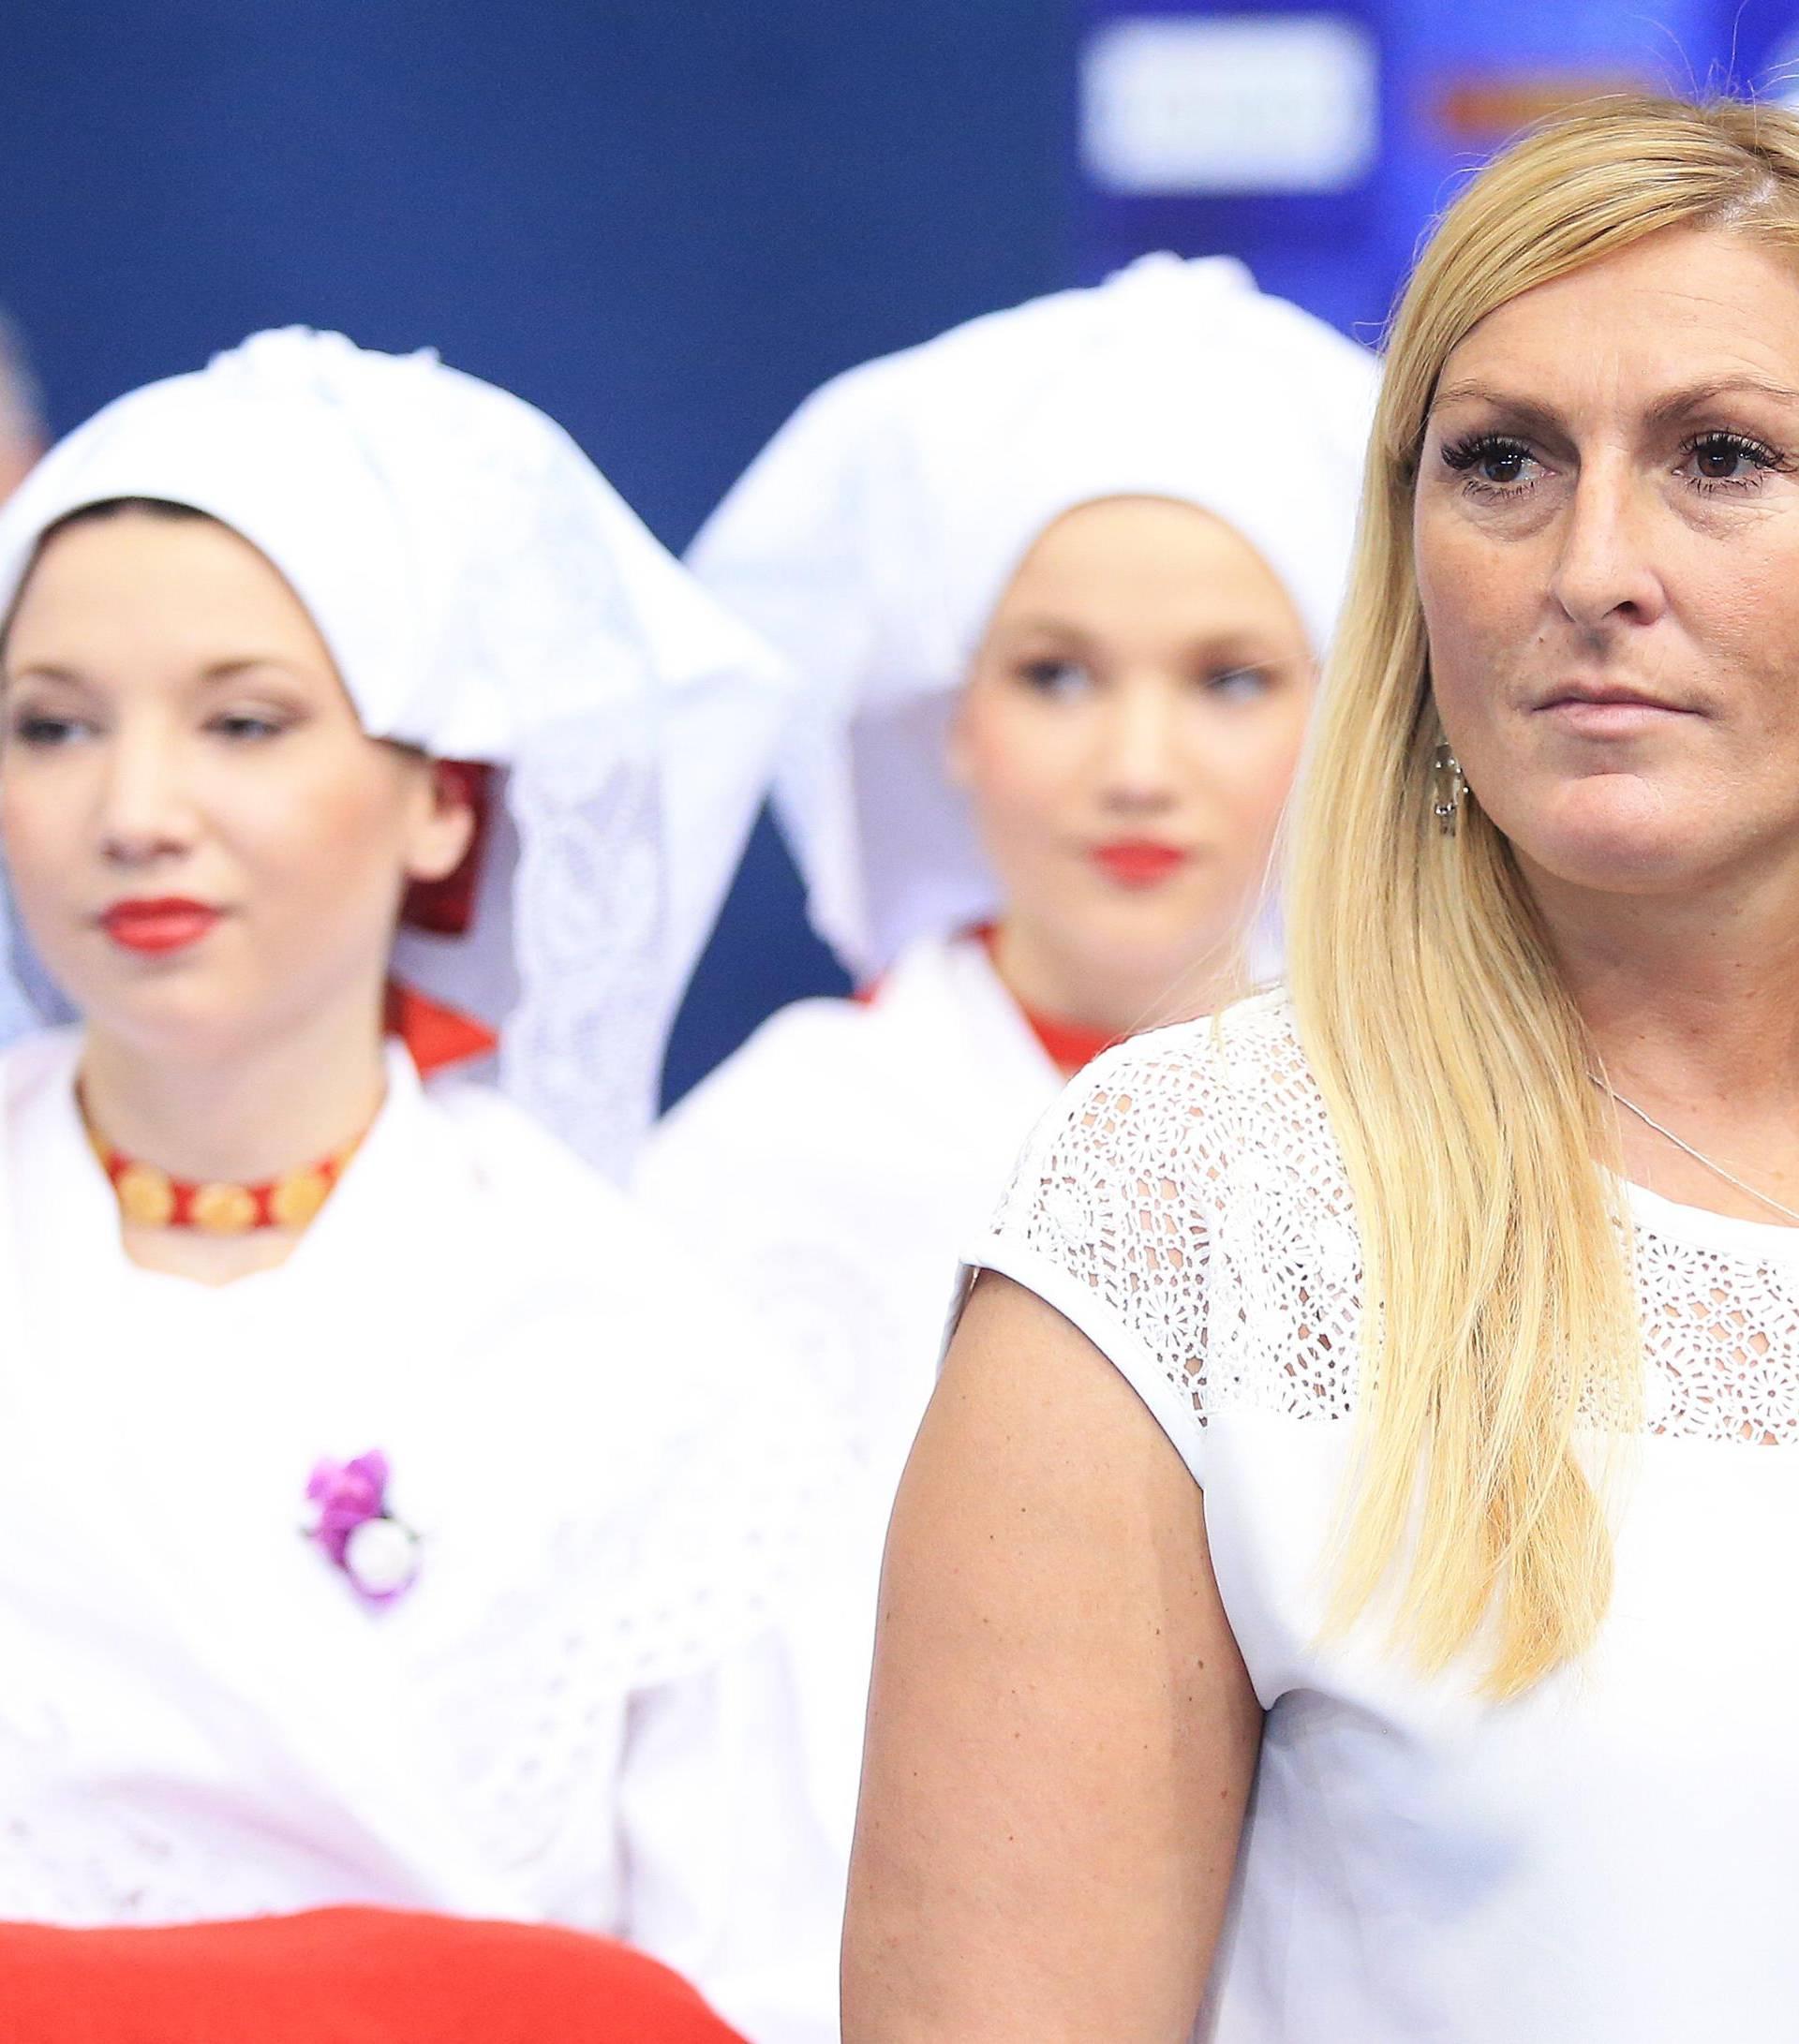 Zašto se Janicu štiti više od Mirjane Rakić ili Freda Matića?